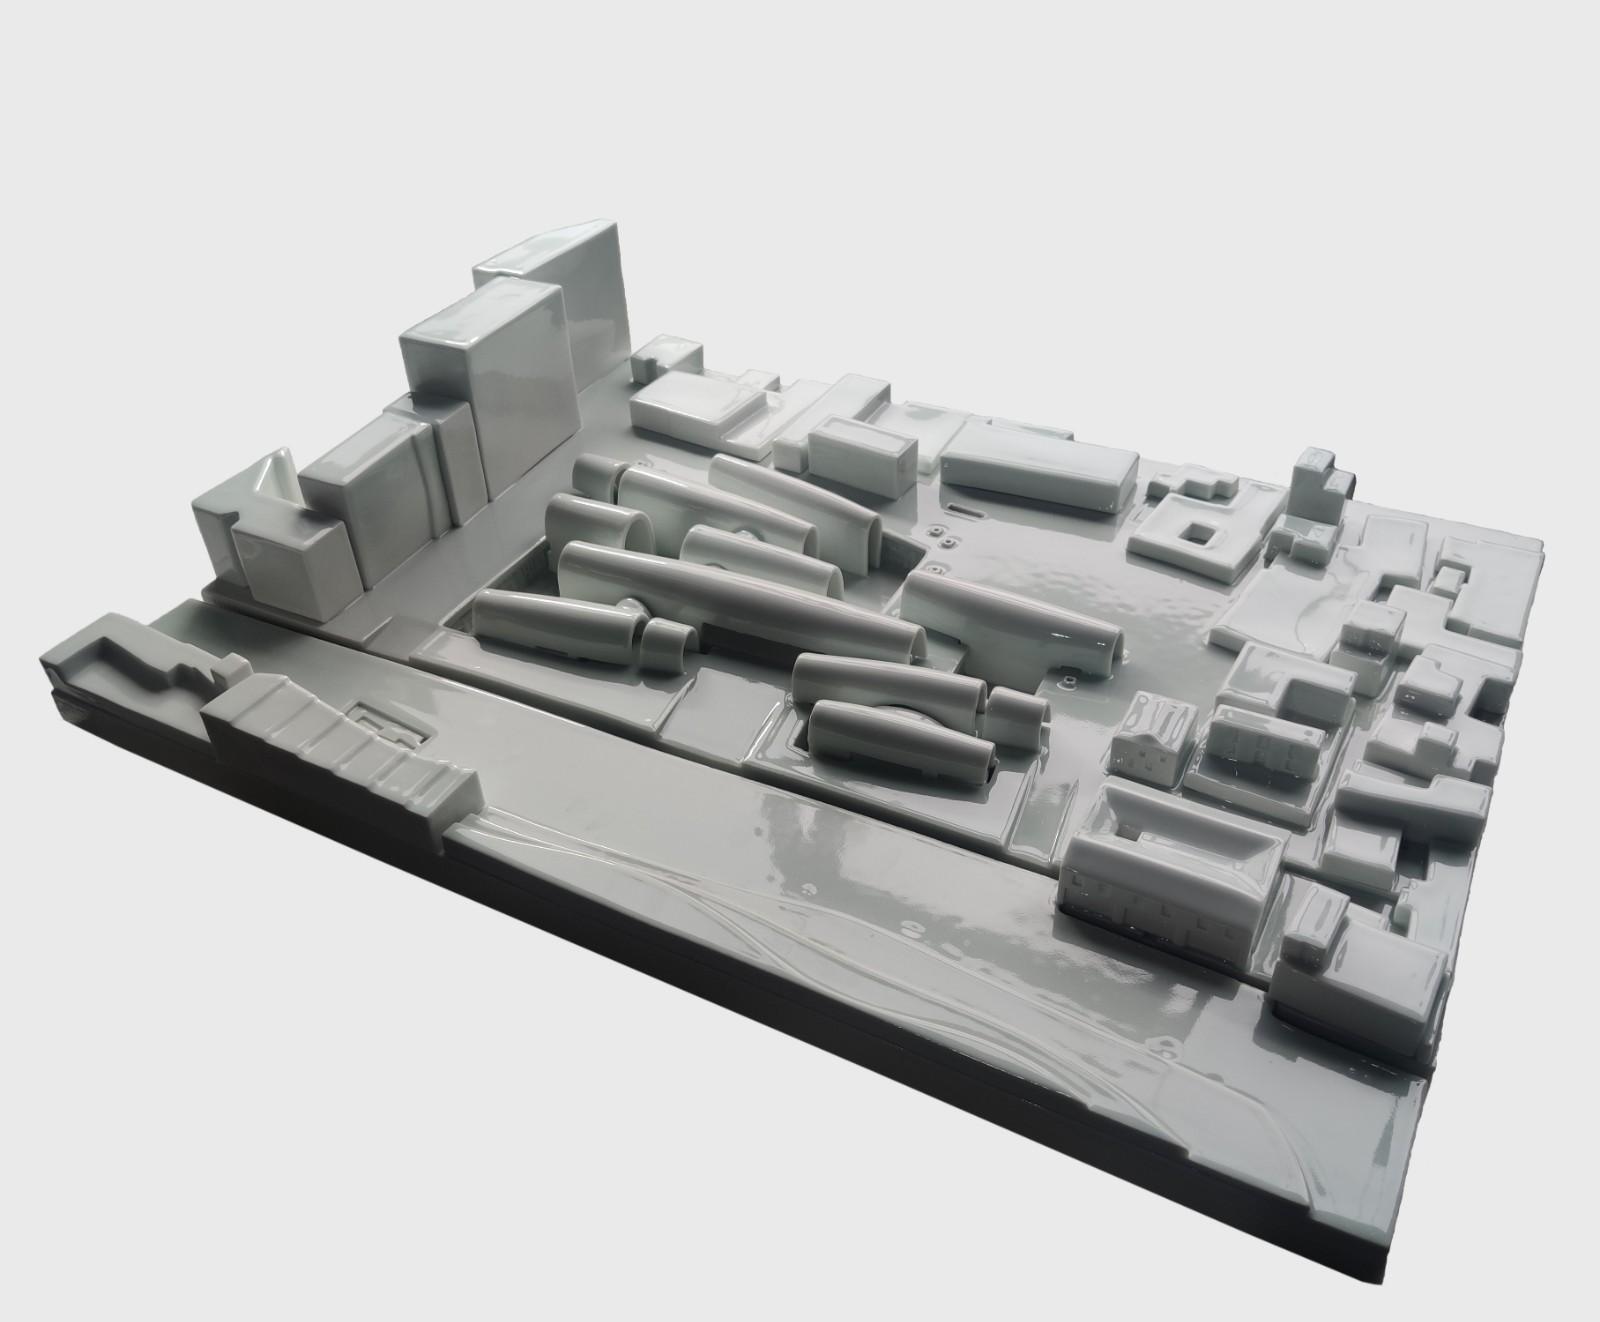 07-朱锫-御窑博物馆陶瓷模型,2020©朱锫建筑事务所.jpeg